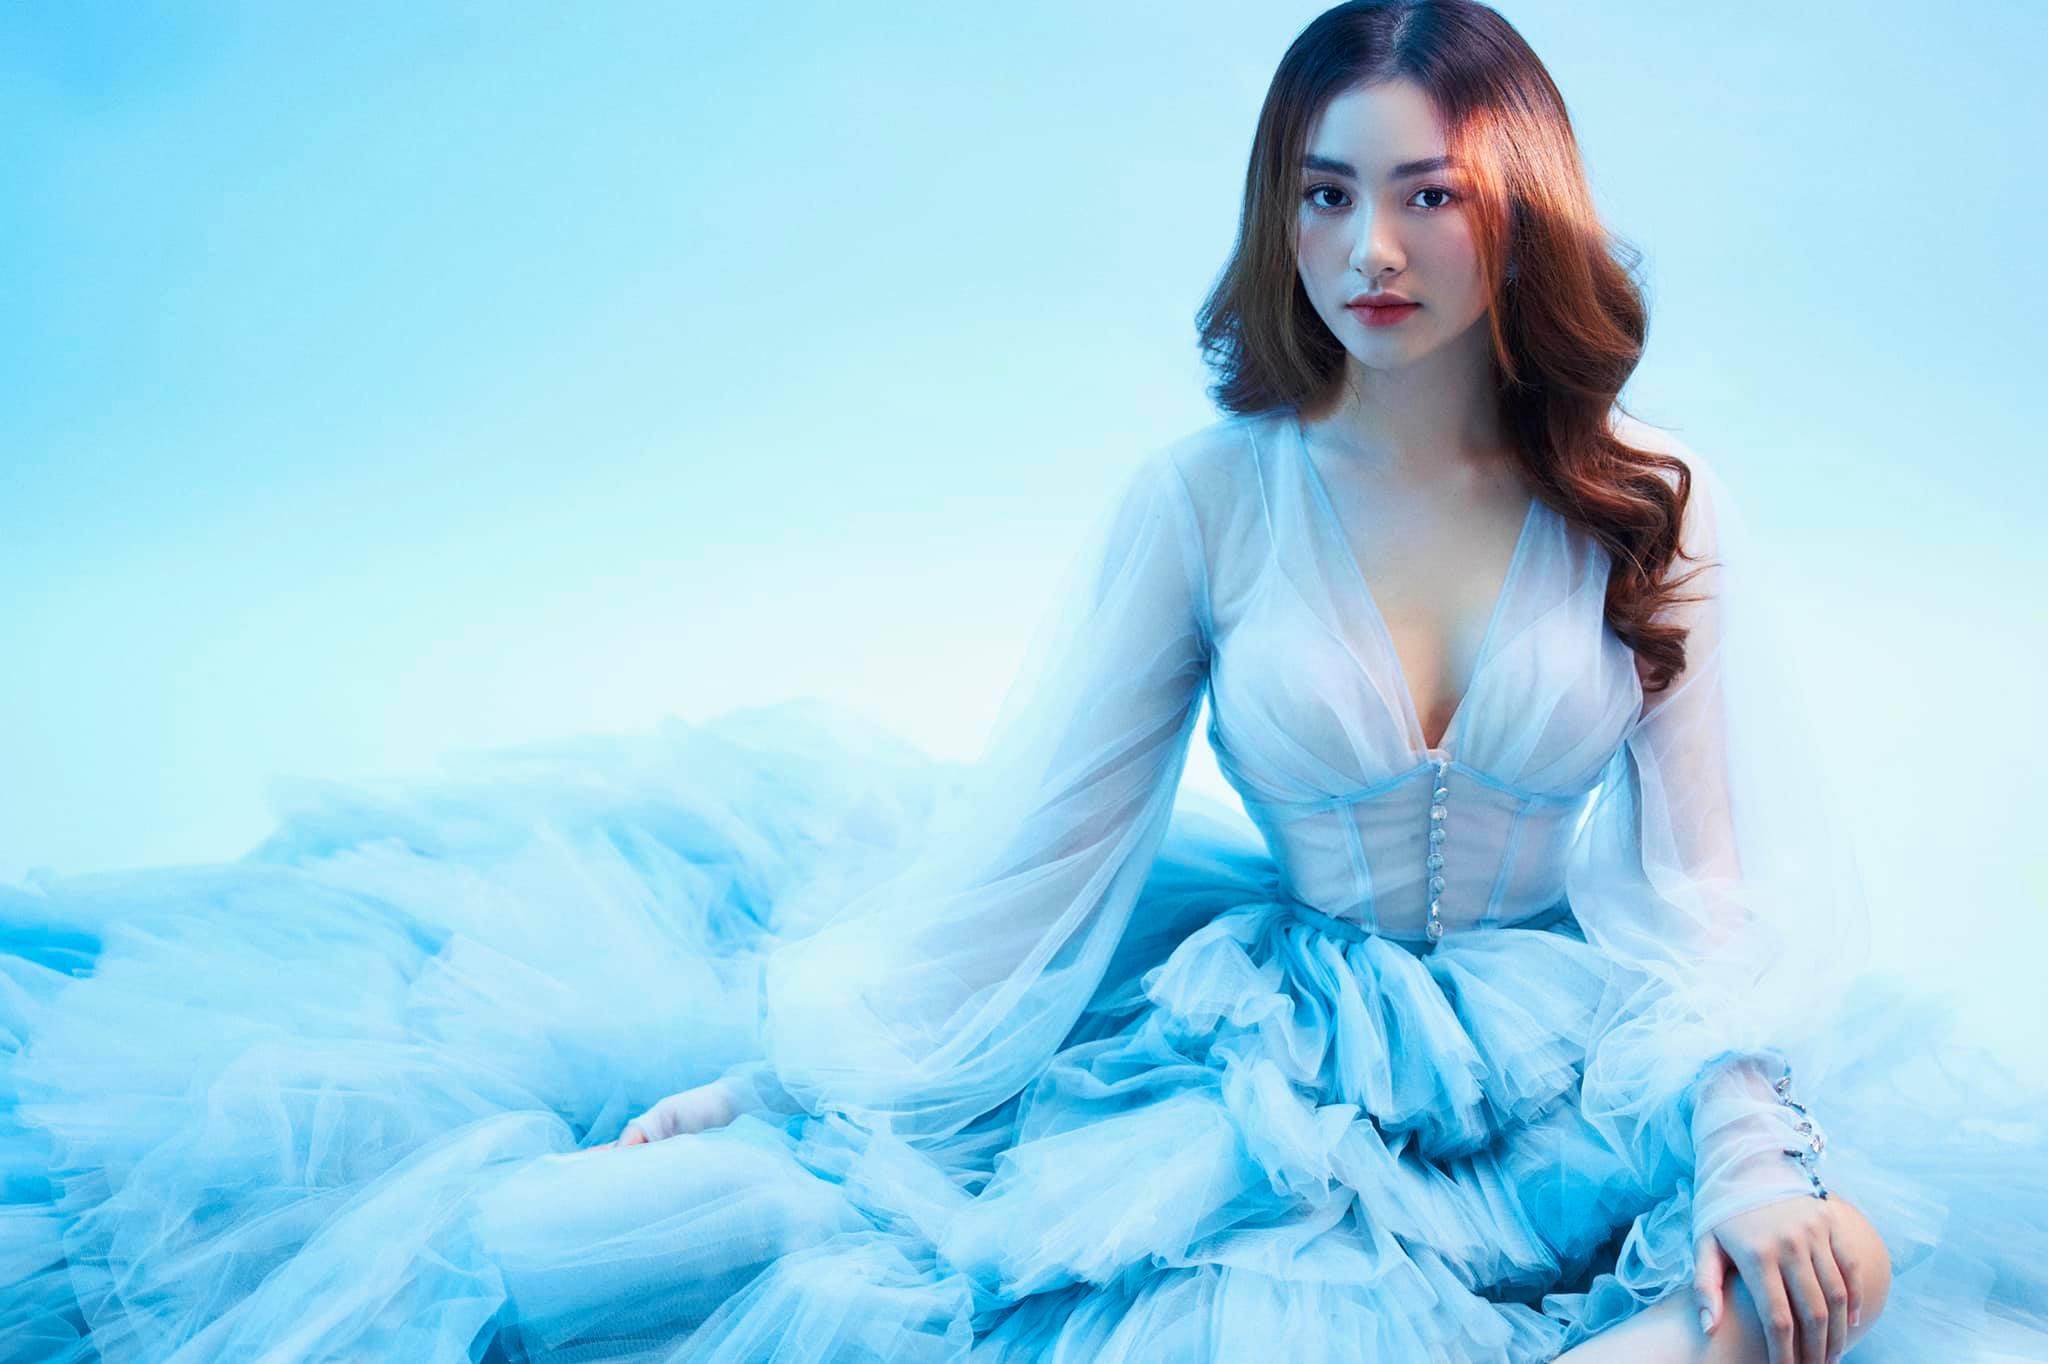 """Nữ sinh Tiền Giang """"gây bão tranh cãi"""" vì quá xinh đẹp, được dự đoán làm hoa hậu"""